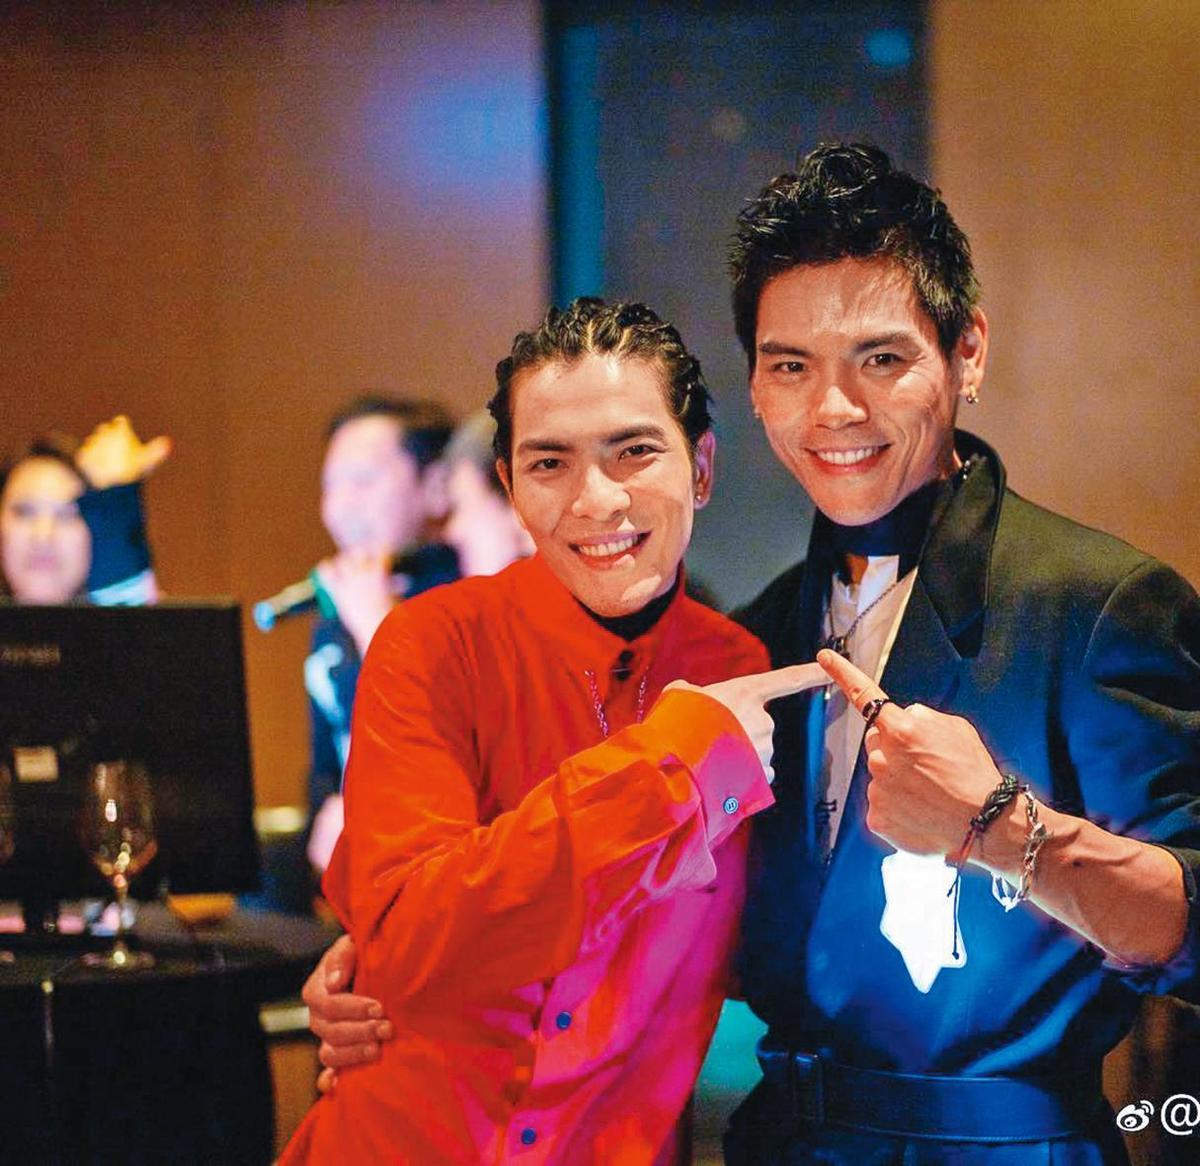 向太的乾兒子是蕭敬騰(左),他跟向佐(右)親如兄弟, 眾所矚目的「世紀產女」,自然不忘第一時間與女友赴醫院致意。